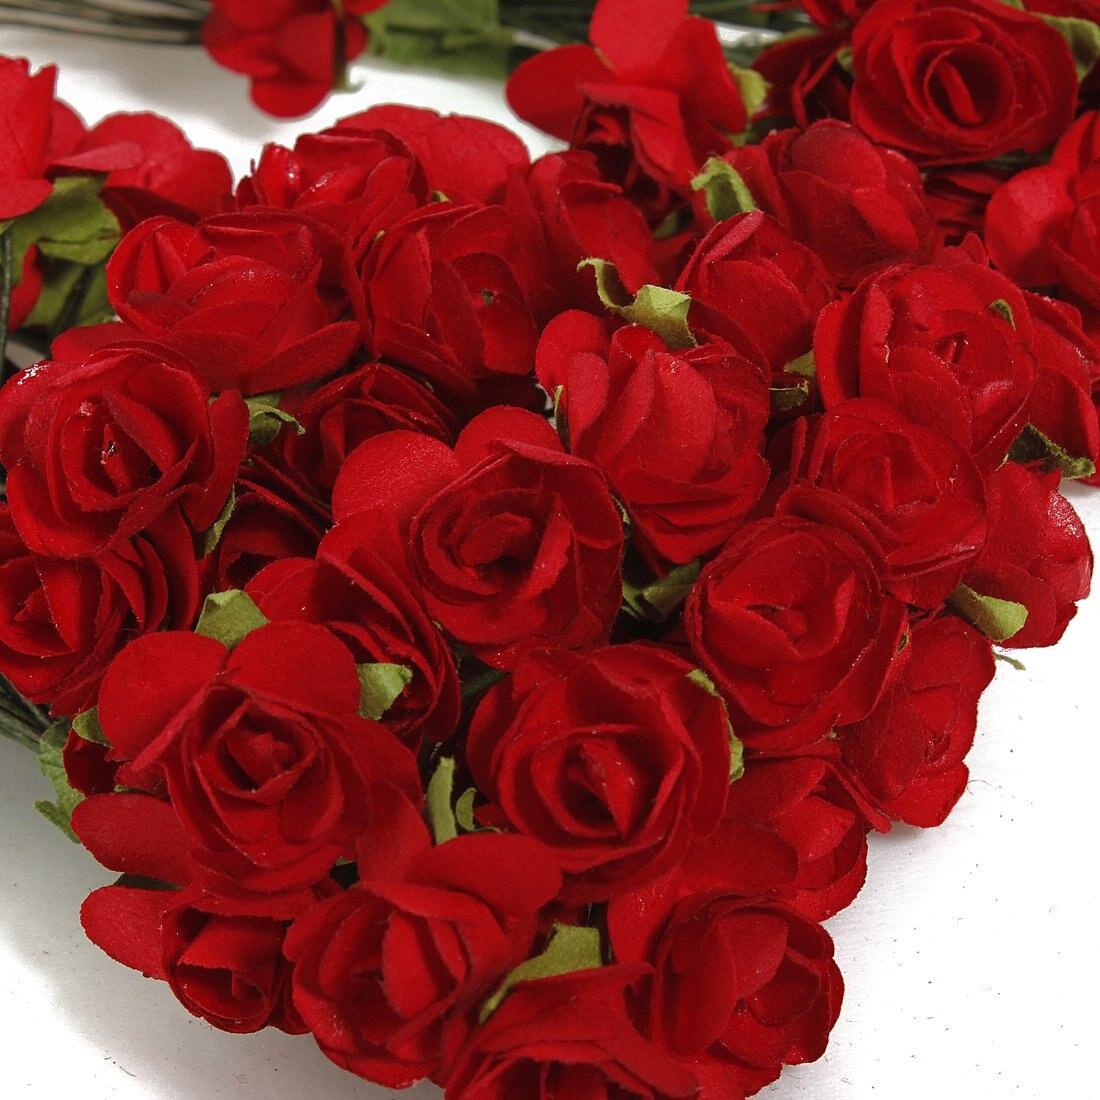 Лучшие Продажи 144 Х Искусственный Бумаги Красная Роза Цветок Свадьба Ремесло Декор